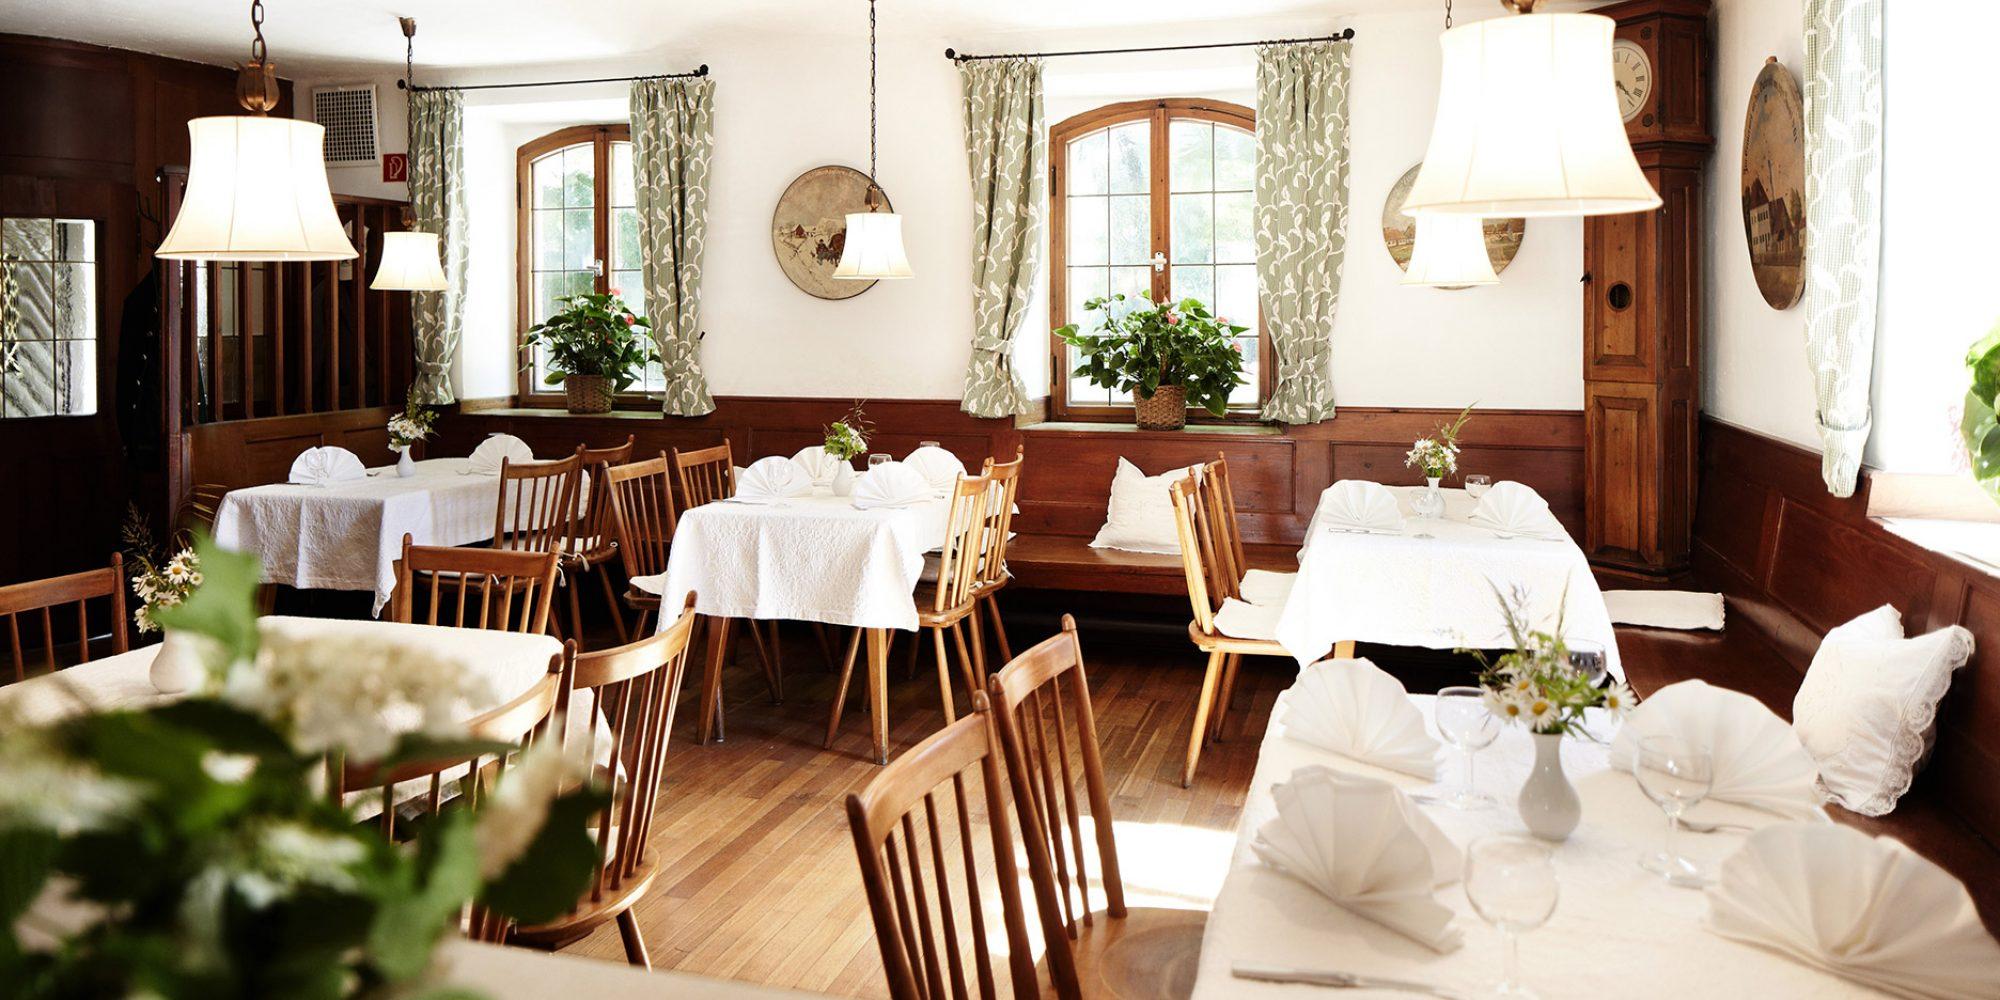 Gaststube Hotel Burgmeier